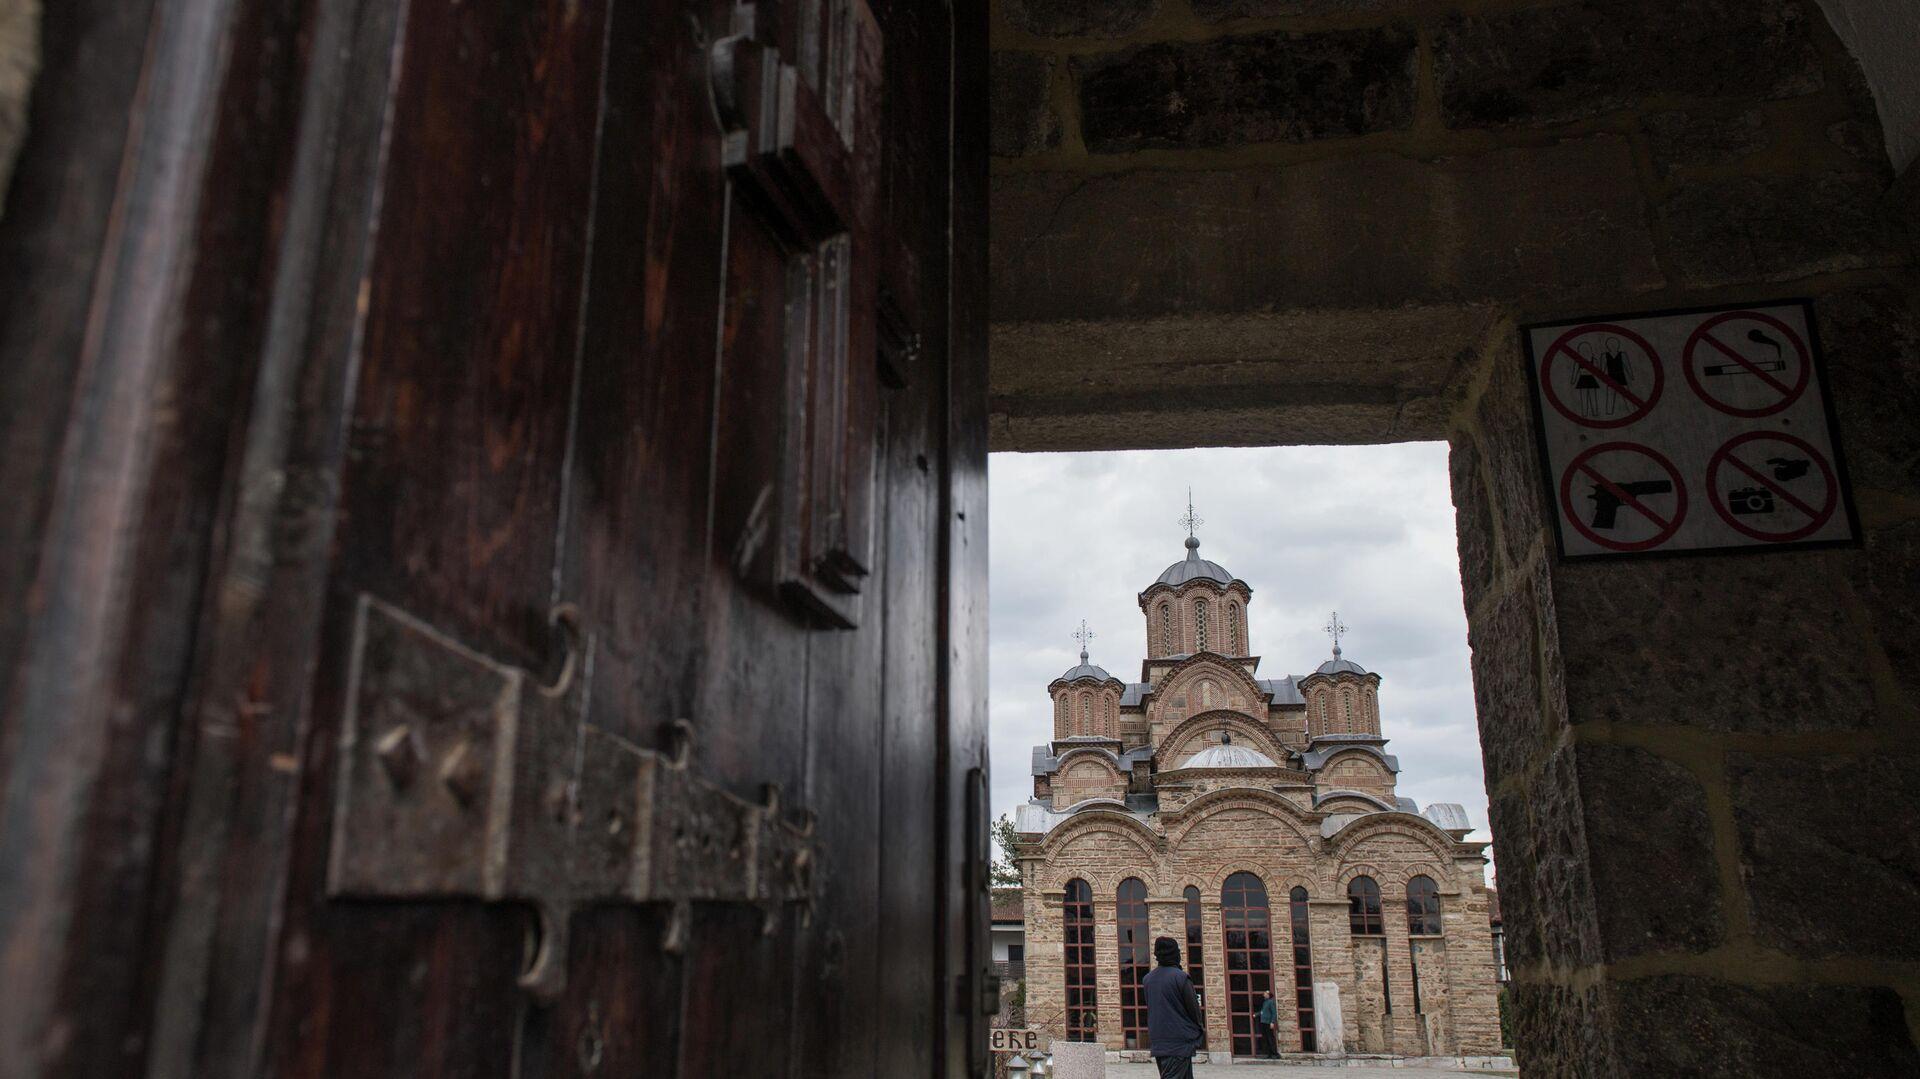 Косово. Монастырь Грачаница - РИА Новости, 1920, 02.07.2021